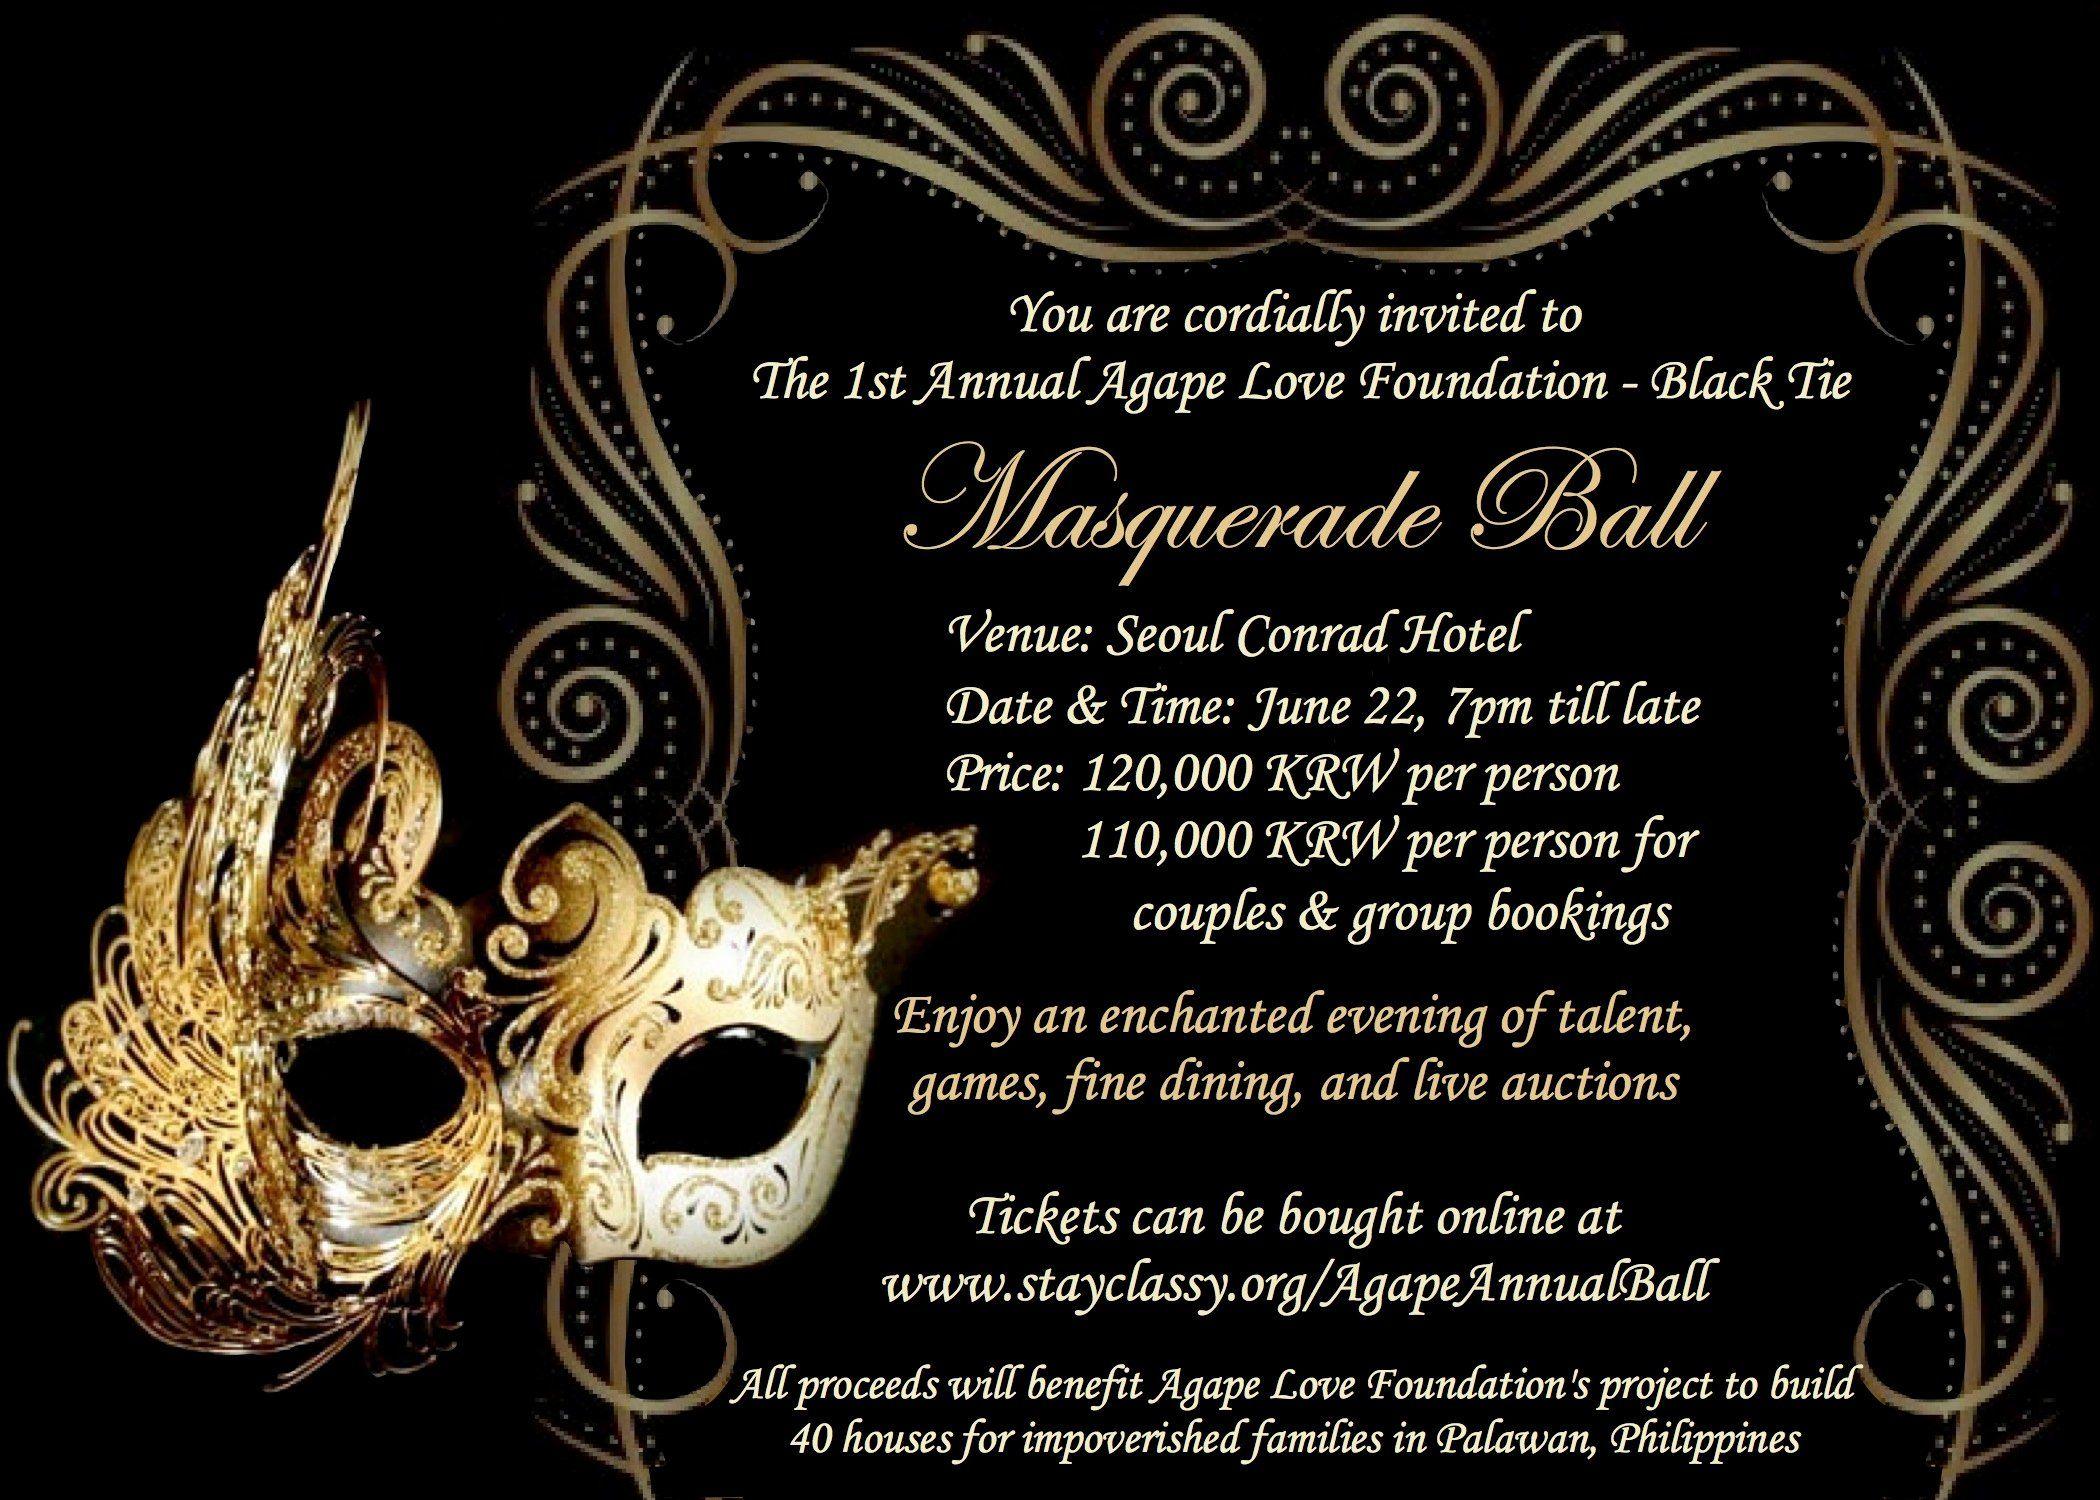 Masquerade Ball Invitations Free Template Unique Birthday Party Invitations Free Temp Masquerade Invitations Party Invite Template Masquerade Party Invitations